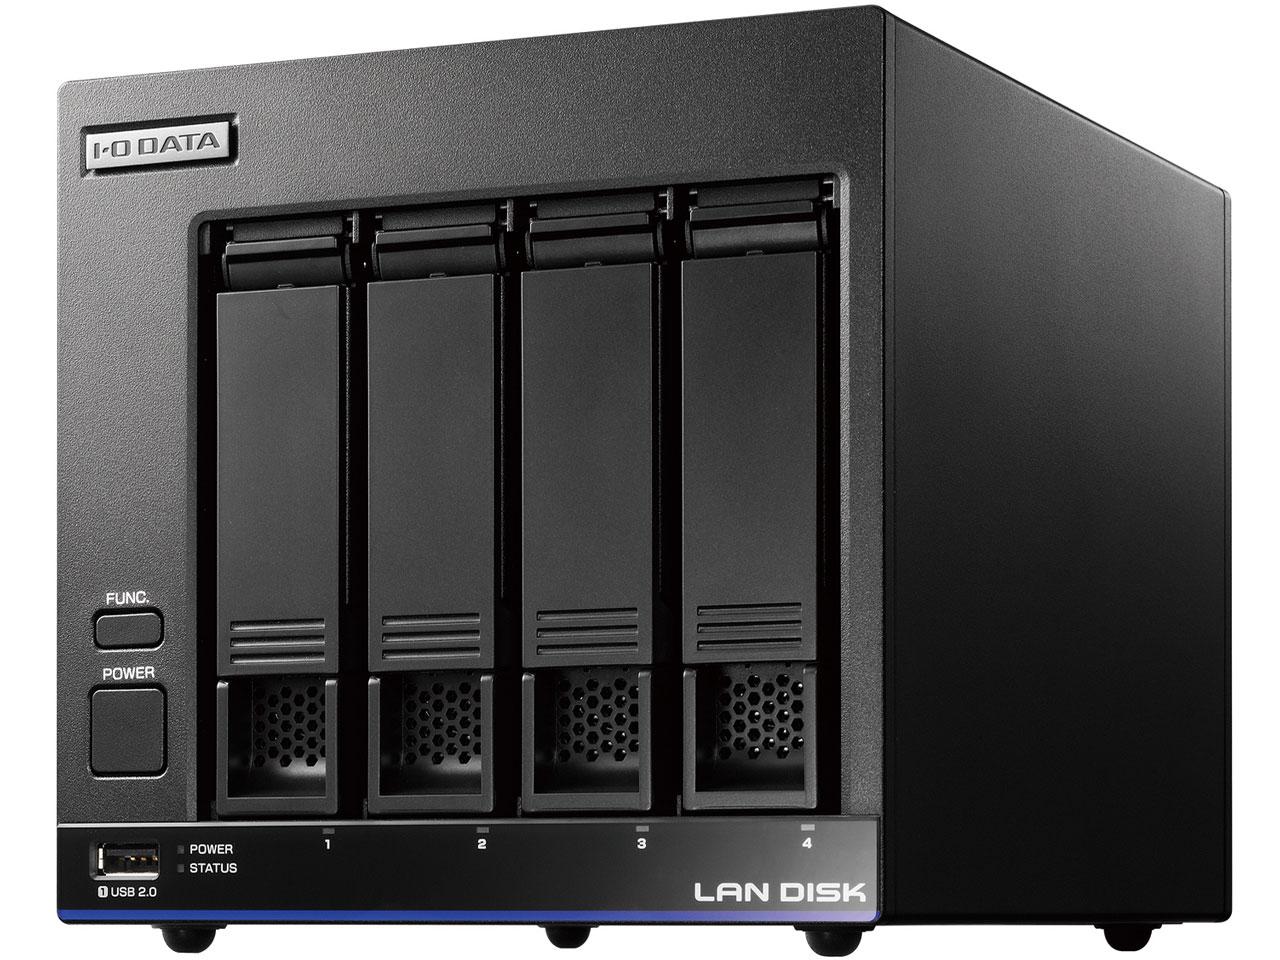 LAN DISK X HDL4-X32 の製品画像